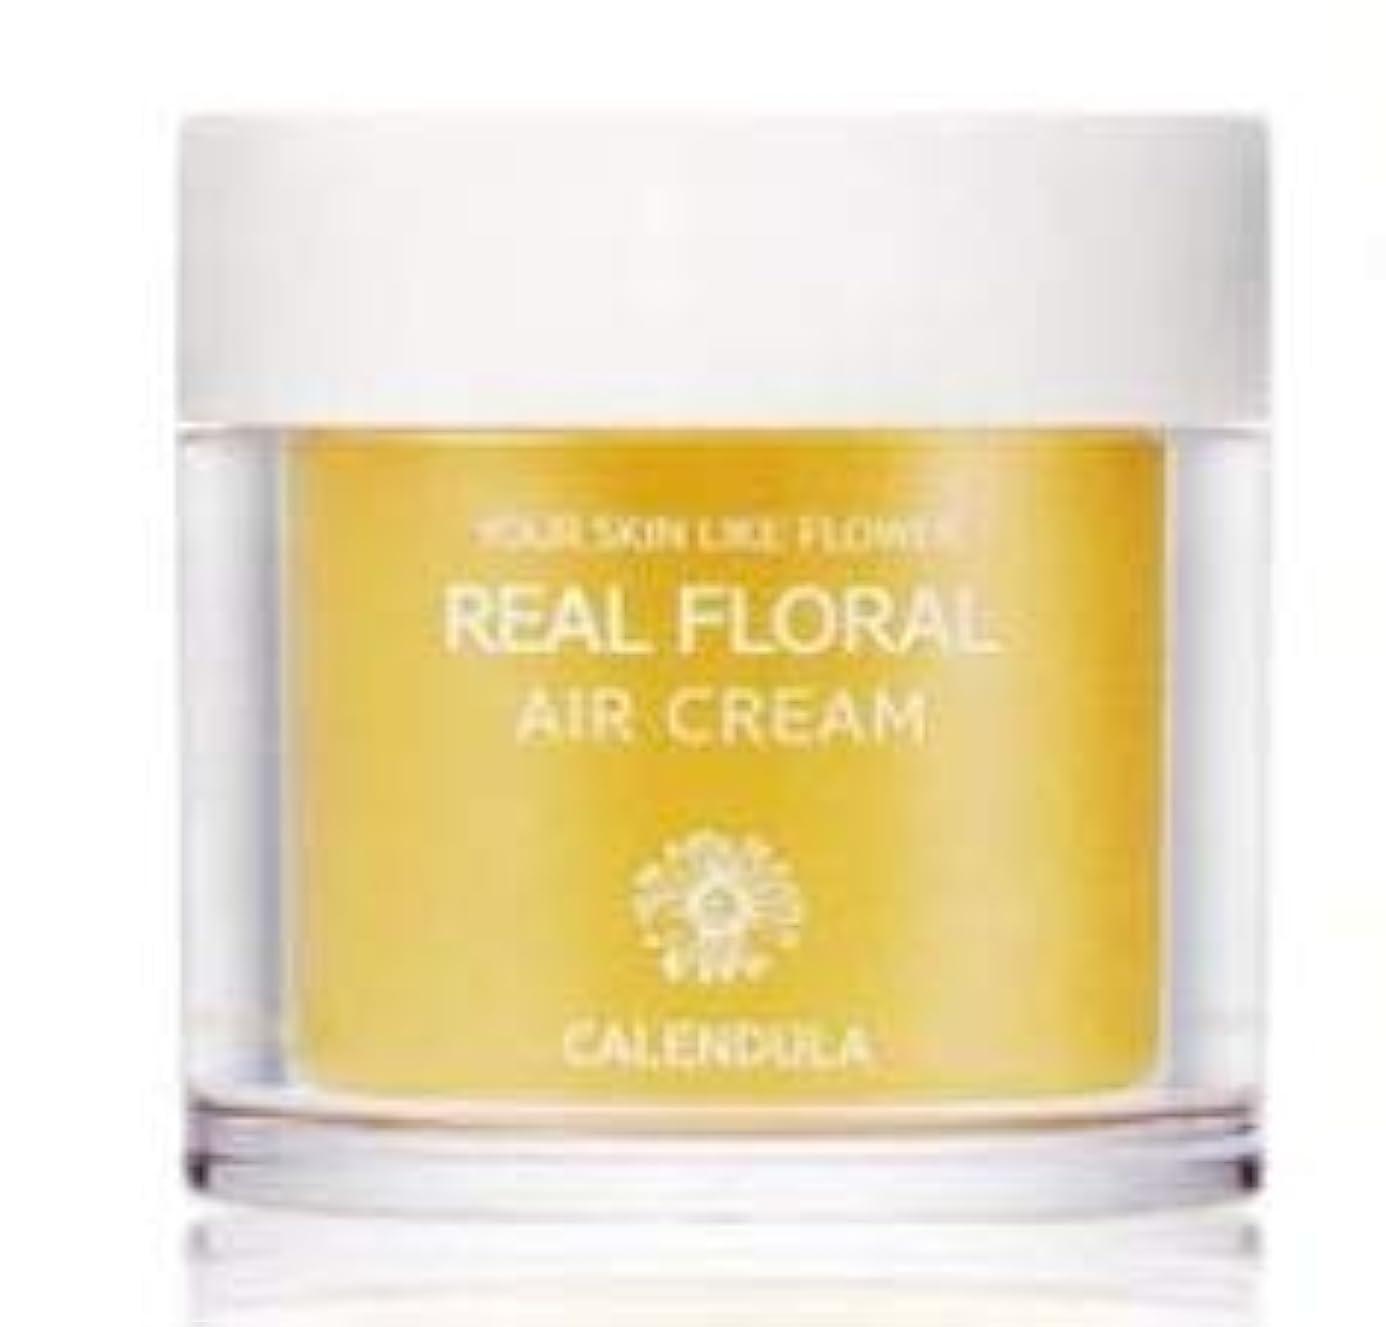 焼く付録簡単にNATURAL PACIFIC Real Floral Air Cream 100ml (Calendula) /ナチュラルパシフィック リアル カレンデュラ エア クリーム 100ml [並行輸入品]